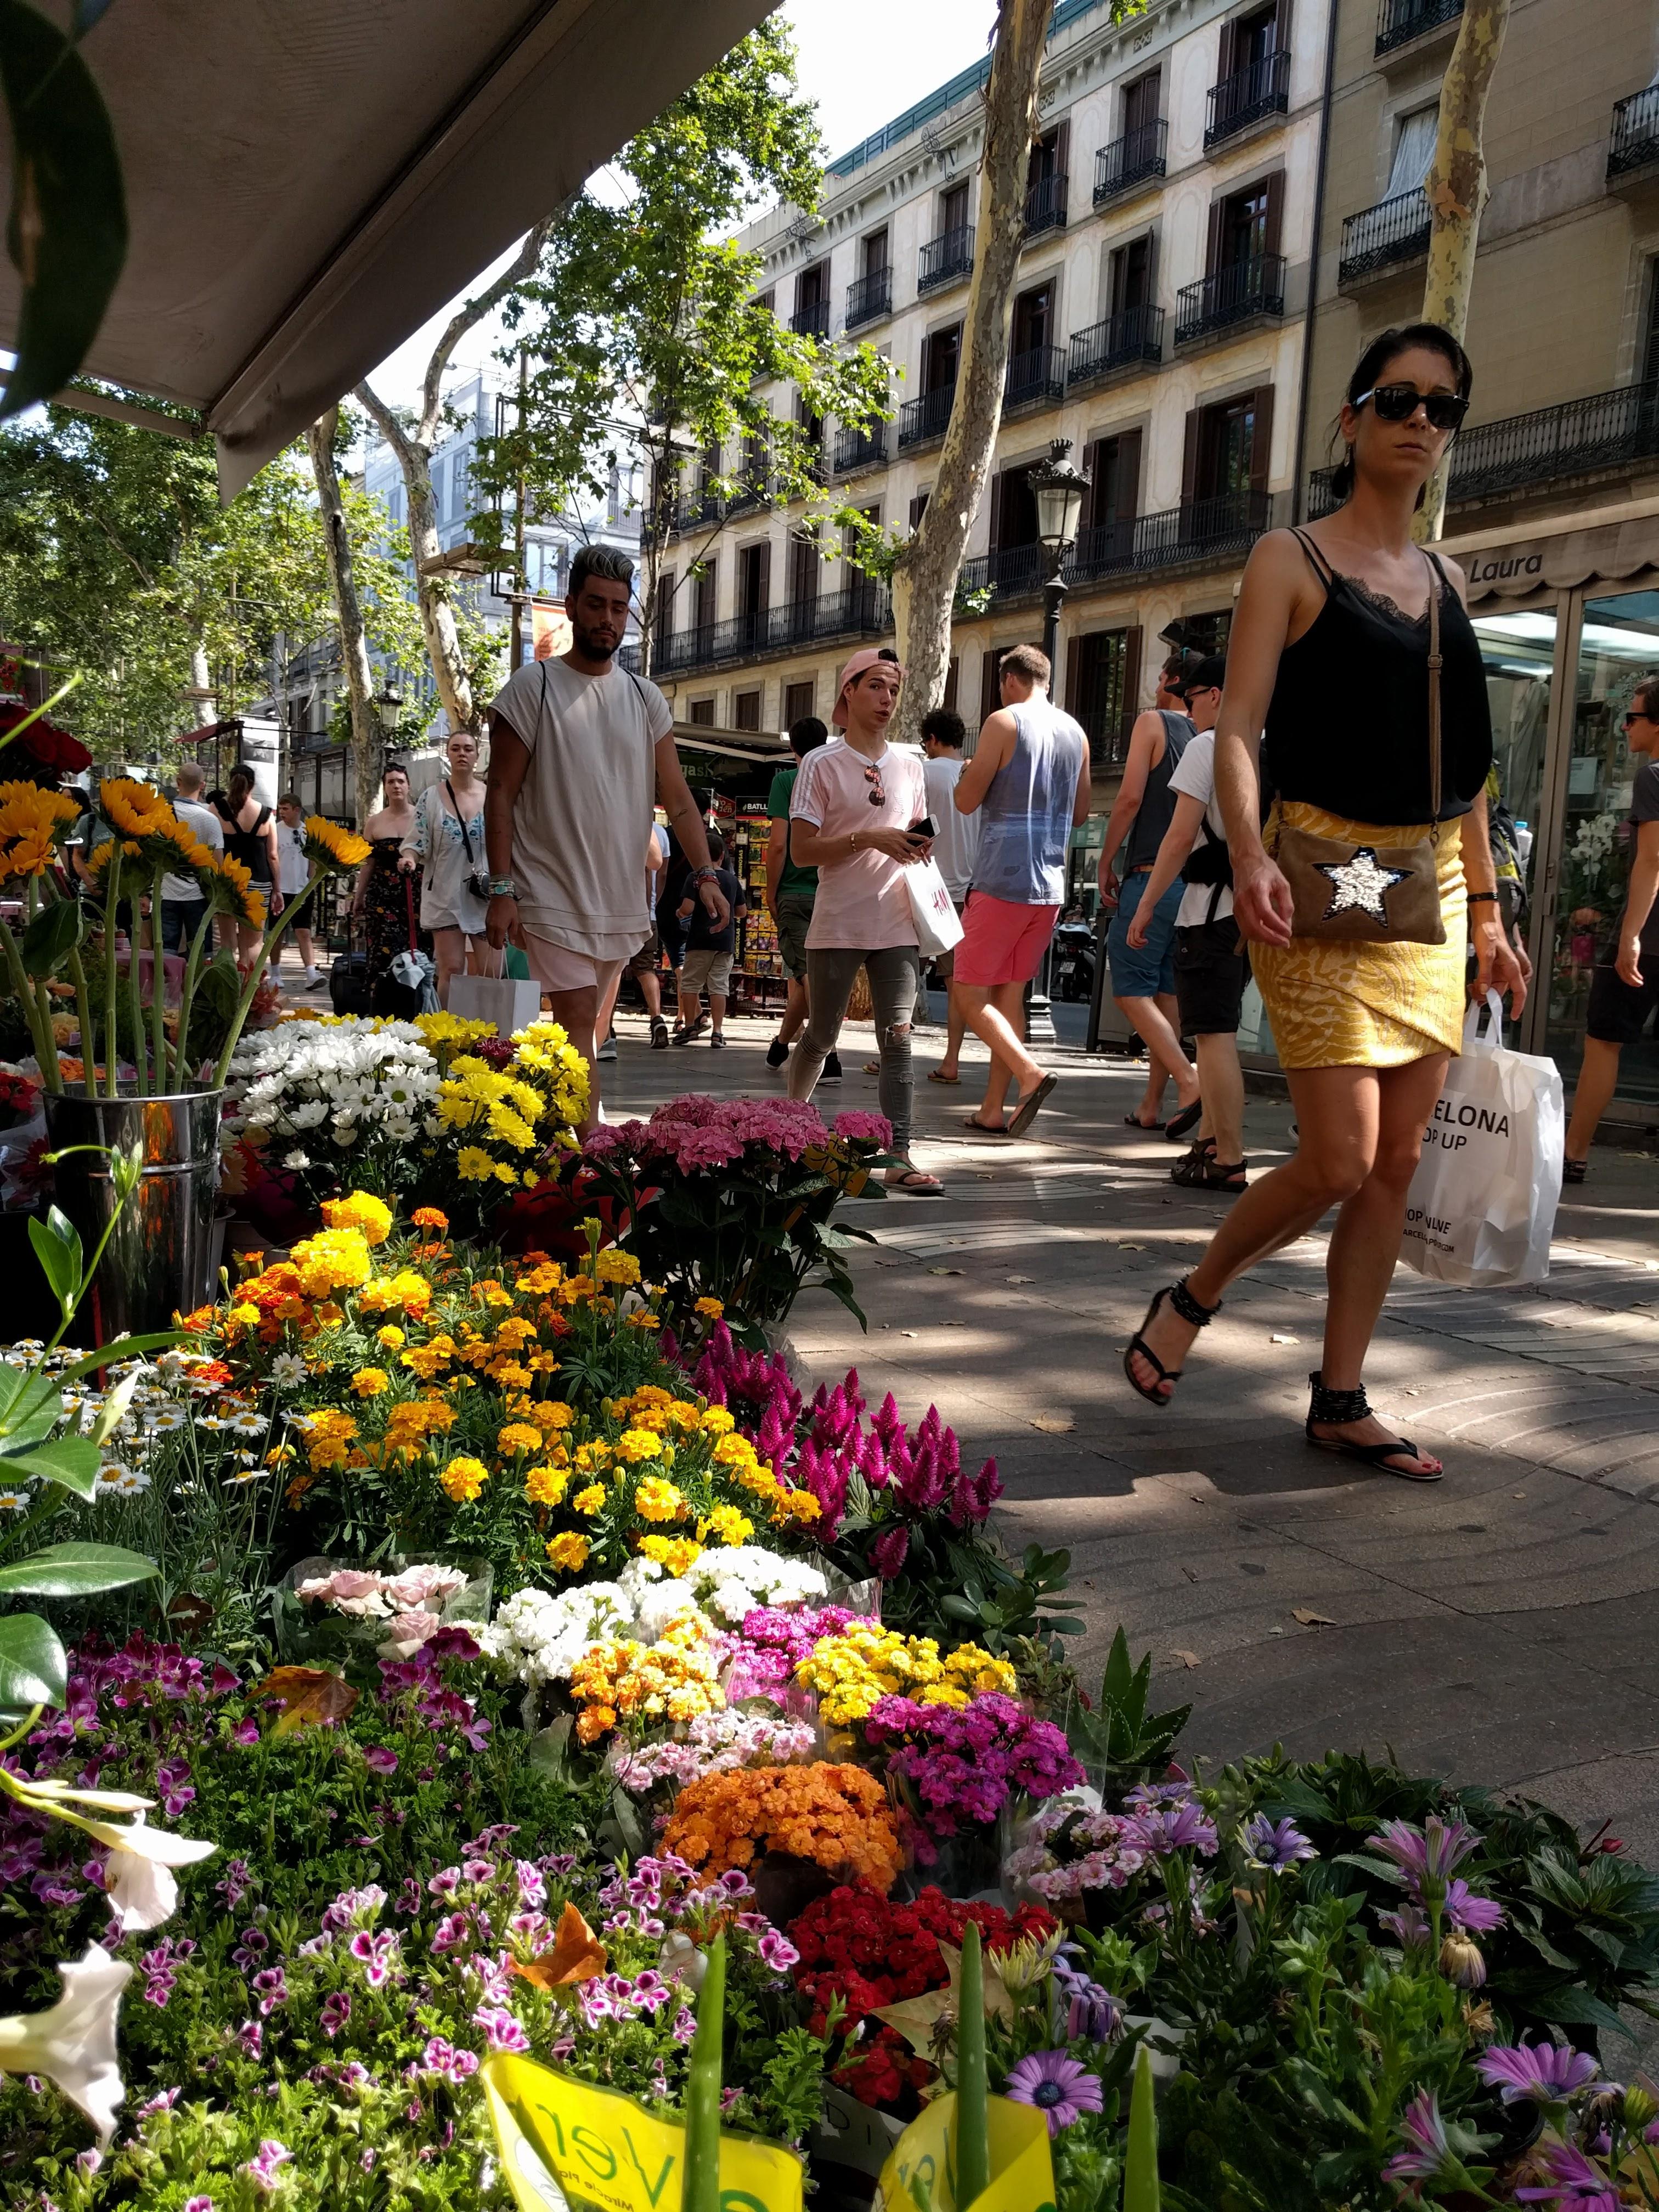 Barselona je La Rambla. Avenija sa šetalištem i dva drvoreda videla je pobune, štrajkove, pobedničke marševe, čak i jedan teroristički napad, ubrzo nakon što sam je upoznala. Bila je simbol otpora Katalonaca prema španskoj vlasti. Za nju je čuveni španski pesnik iz Andaluzije, Federiko Garsija Lorka, rekao da bi voleo da nema kraj.